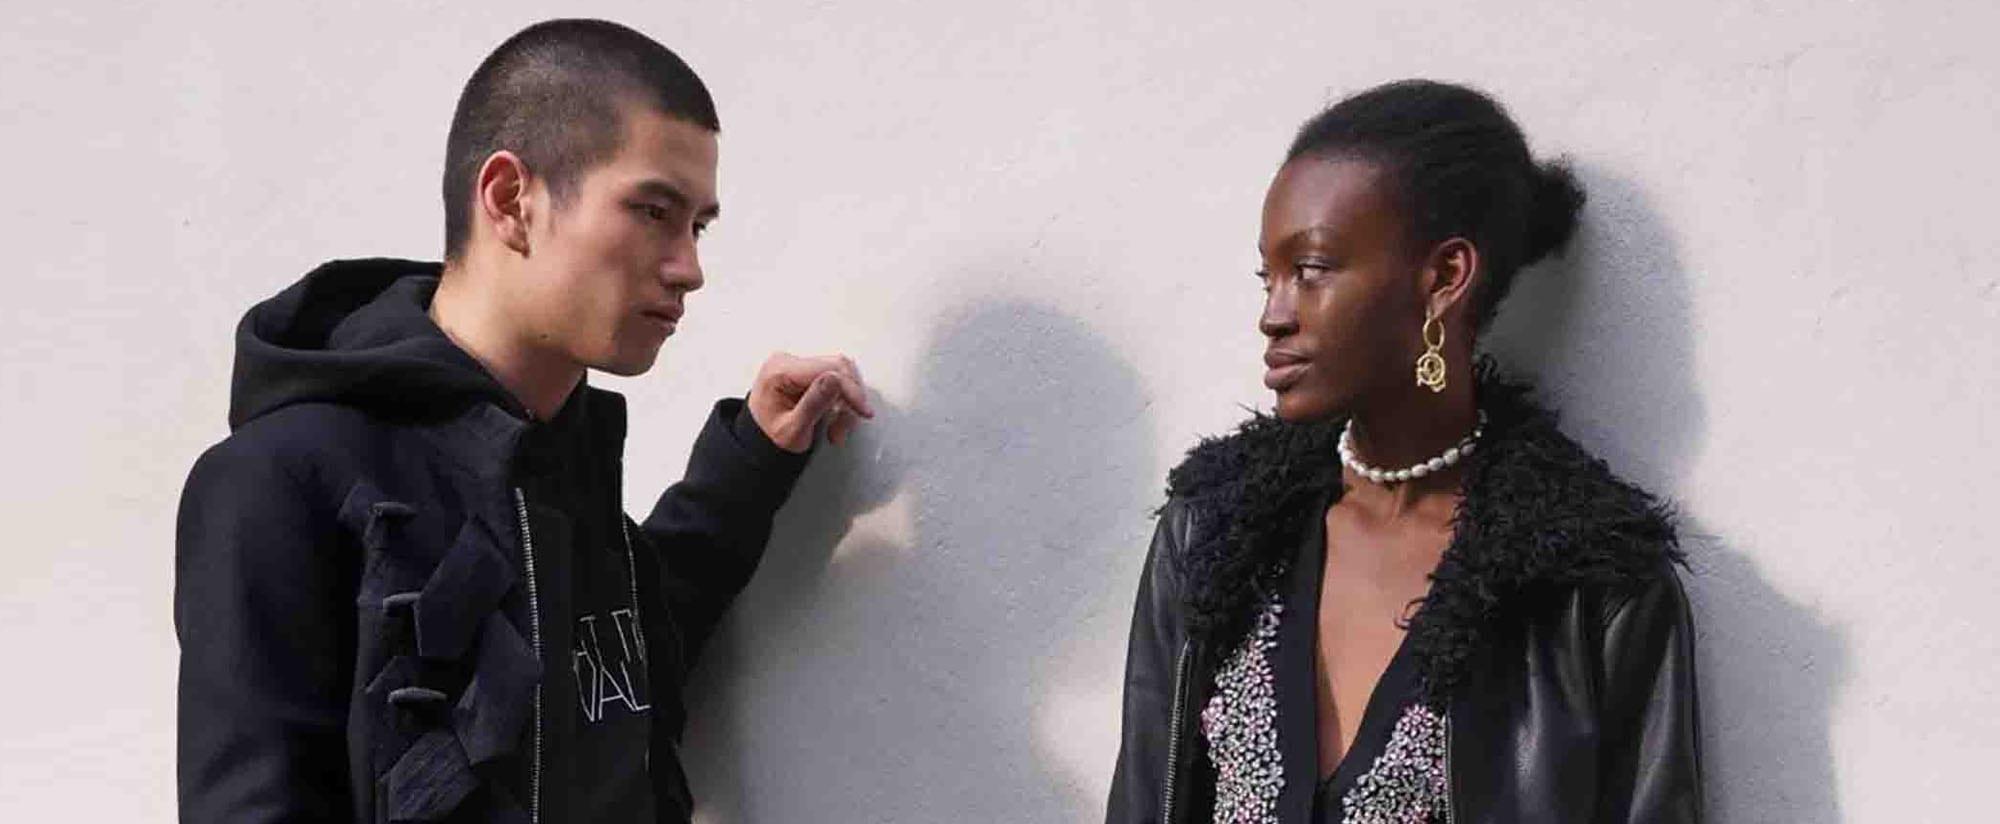 Giambatistta Valli x H&M. צילום: הנס מוריץ - 19 אופנה 2020, Fashion Israel, חדשות אופנה 2020, כתבות אופנה 2020, טרנדים 2020, מגזין אופנה ישראלי -